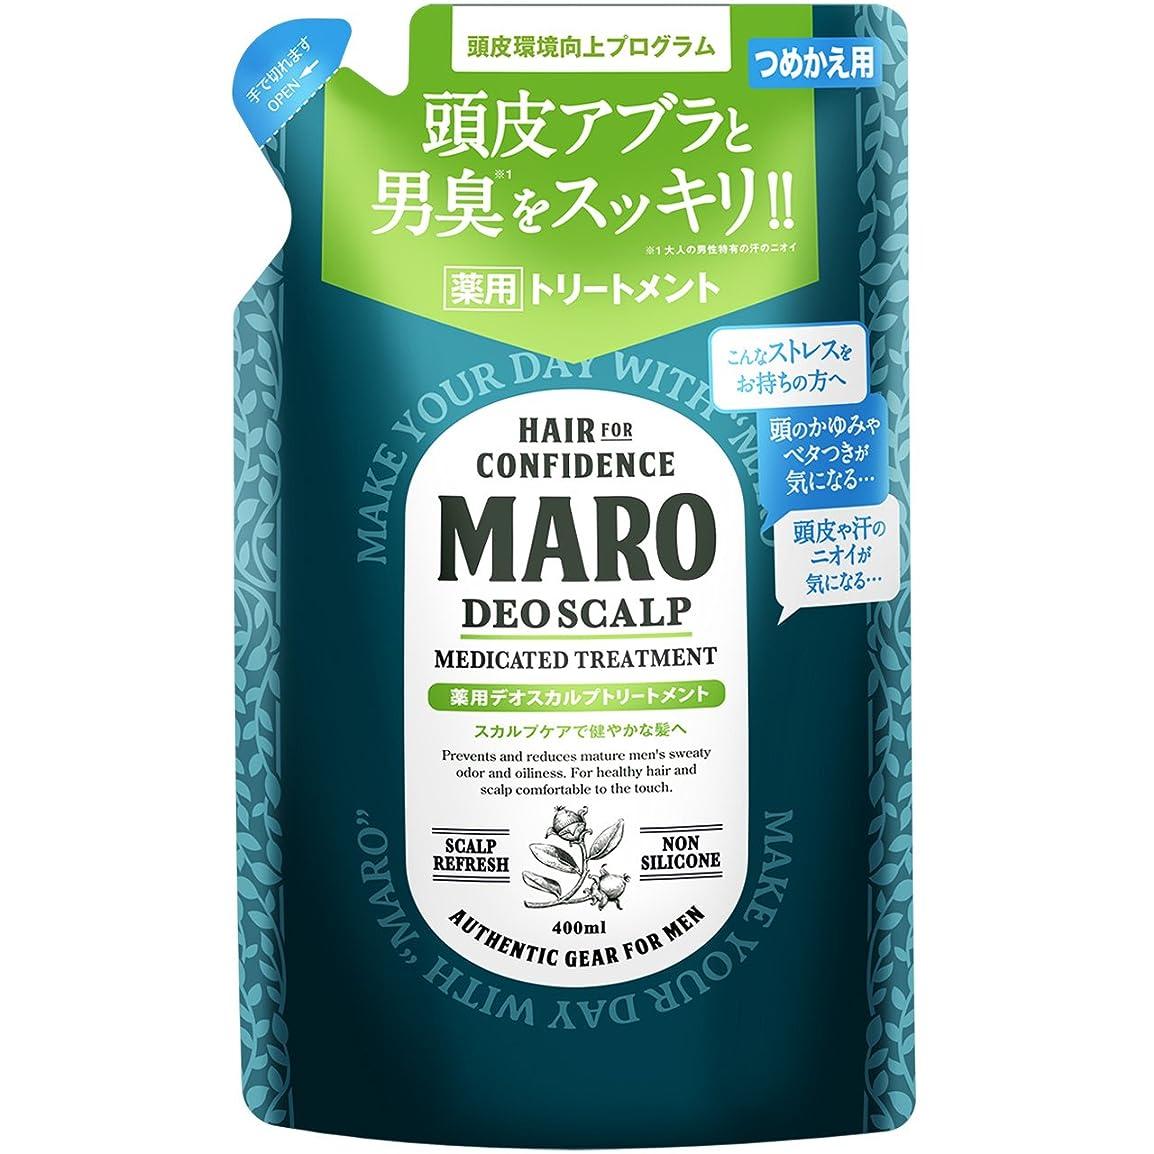 登録する多用途動的MARO 薬用 デオスカルプ トリートメント 詰め替え 400ml 【医薬部外品】